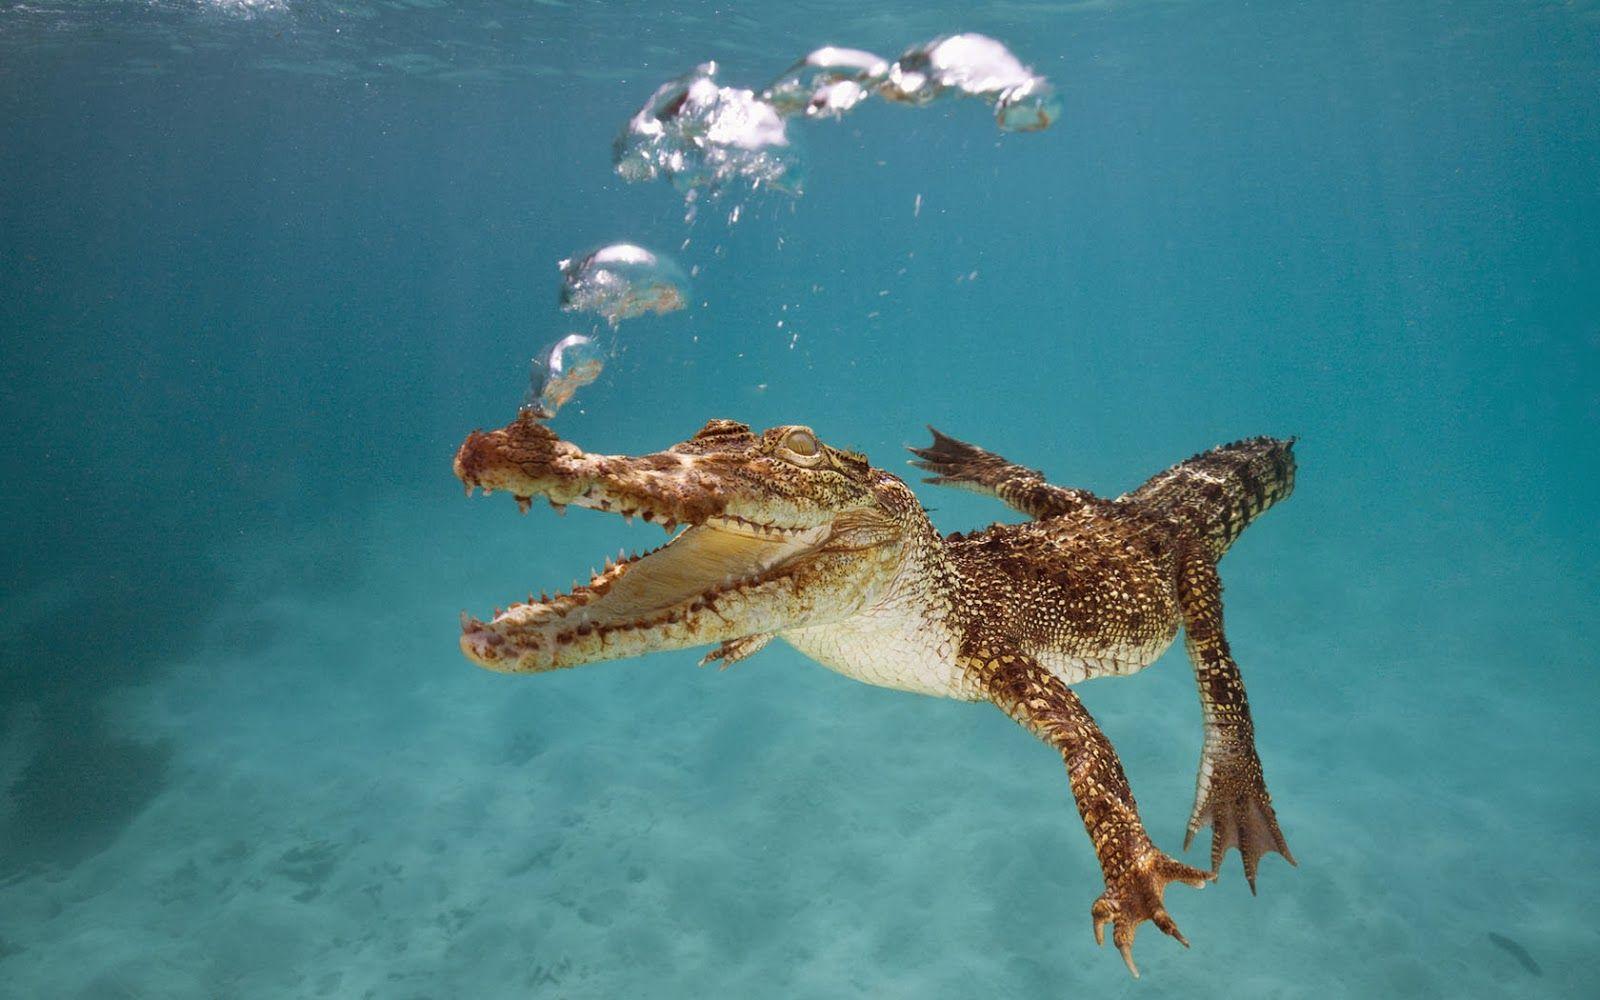 wallpaper krokodil unter wasser  krokodil unterwasser